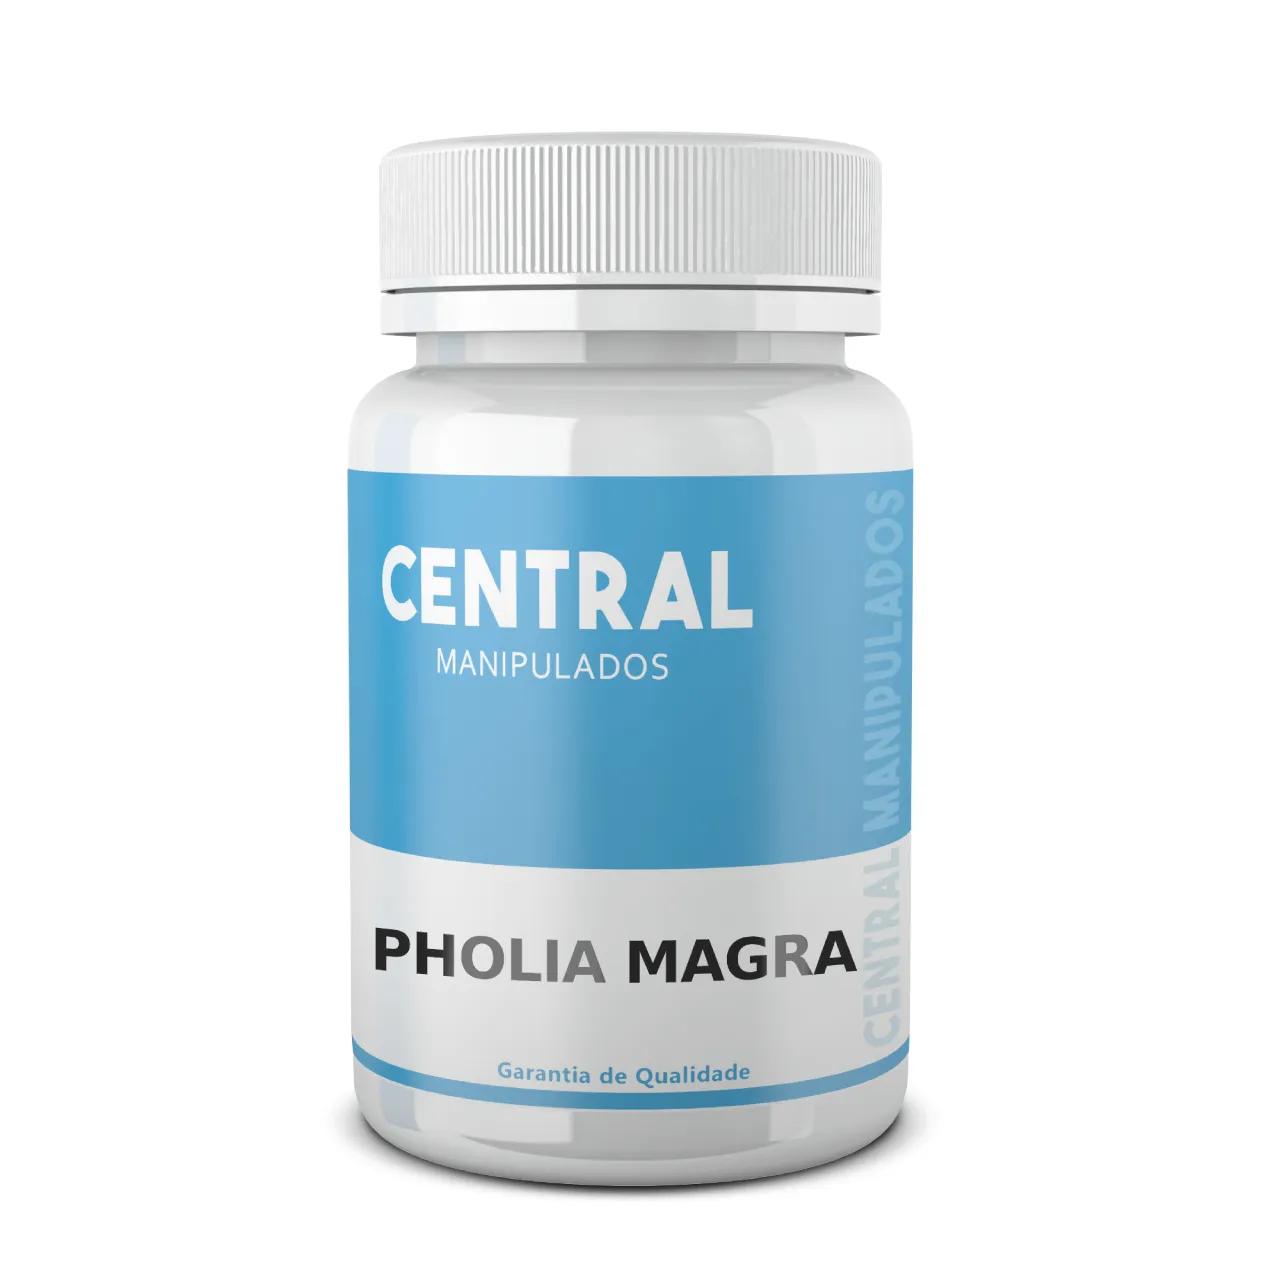 Pholia Magra 500mg 60 cápsulas - Perda de Peso, Controle Apetite, Evita o inchaço e a Celutite